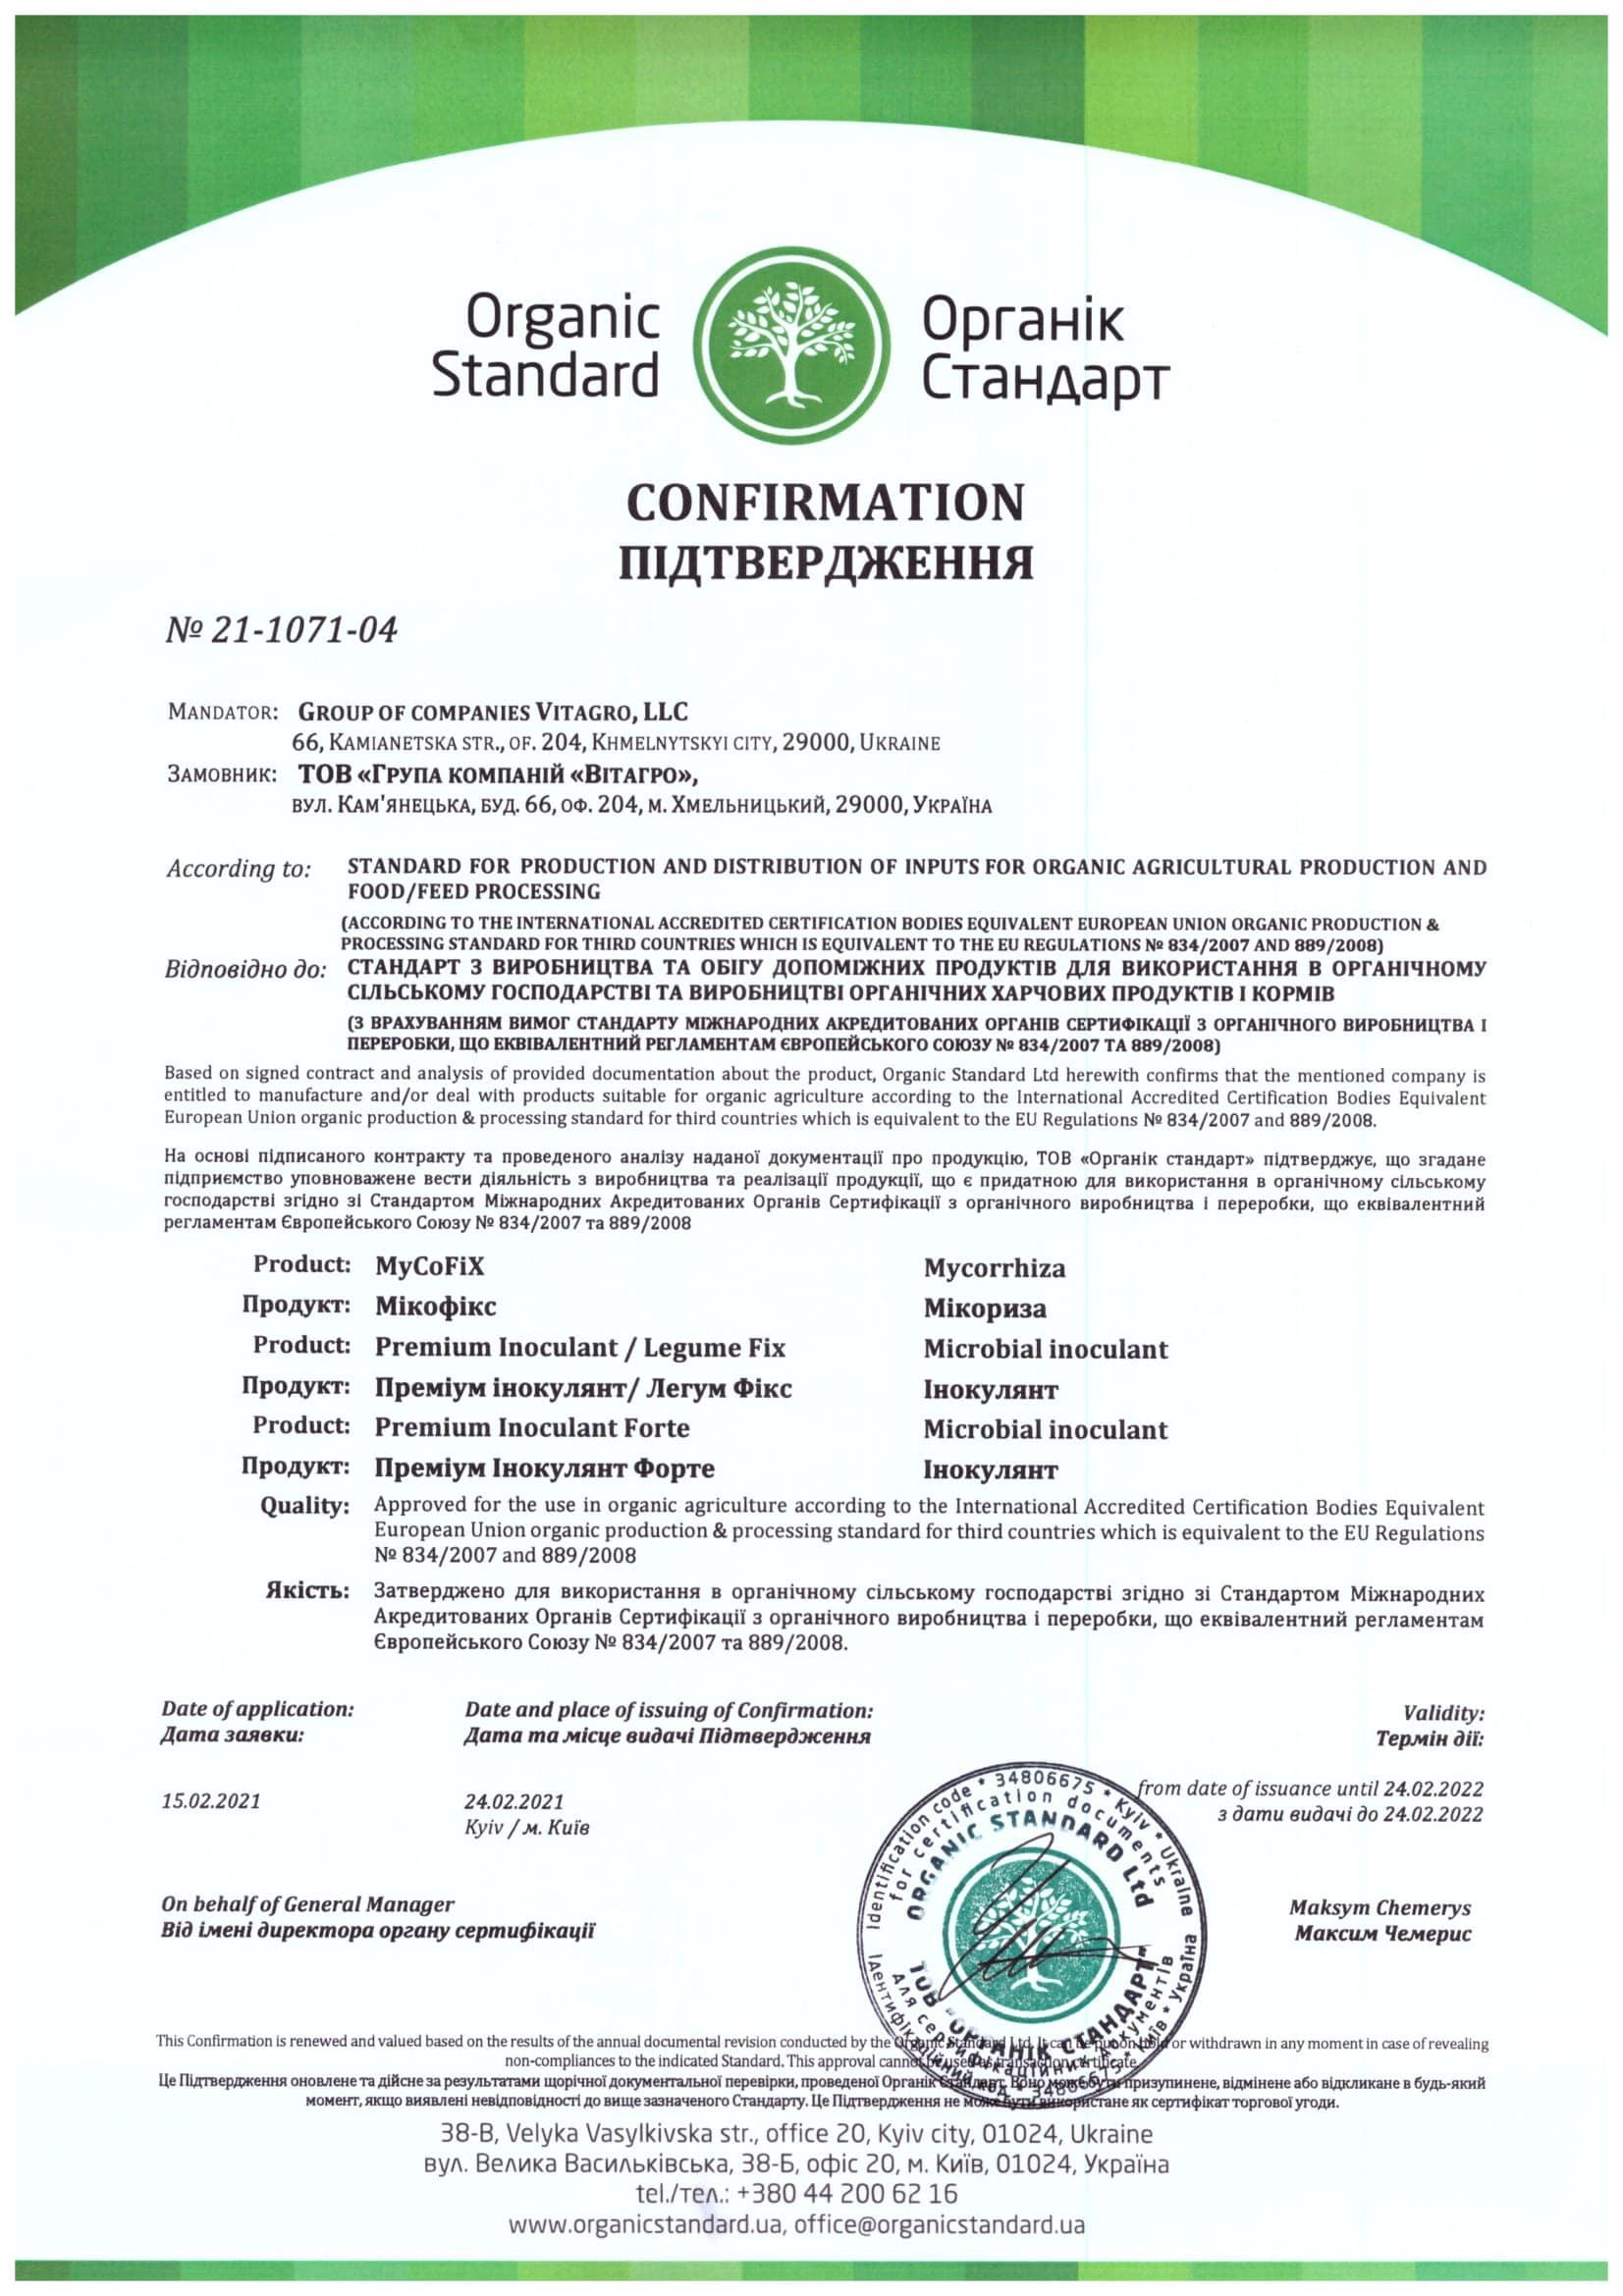 Стандарт в изготовлении и продаже дополнительных продуктов для использования в органическом сельськом хозяйстве на инокулянт Inoculant Premium